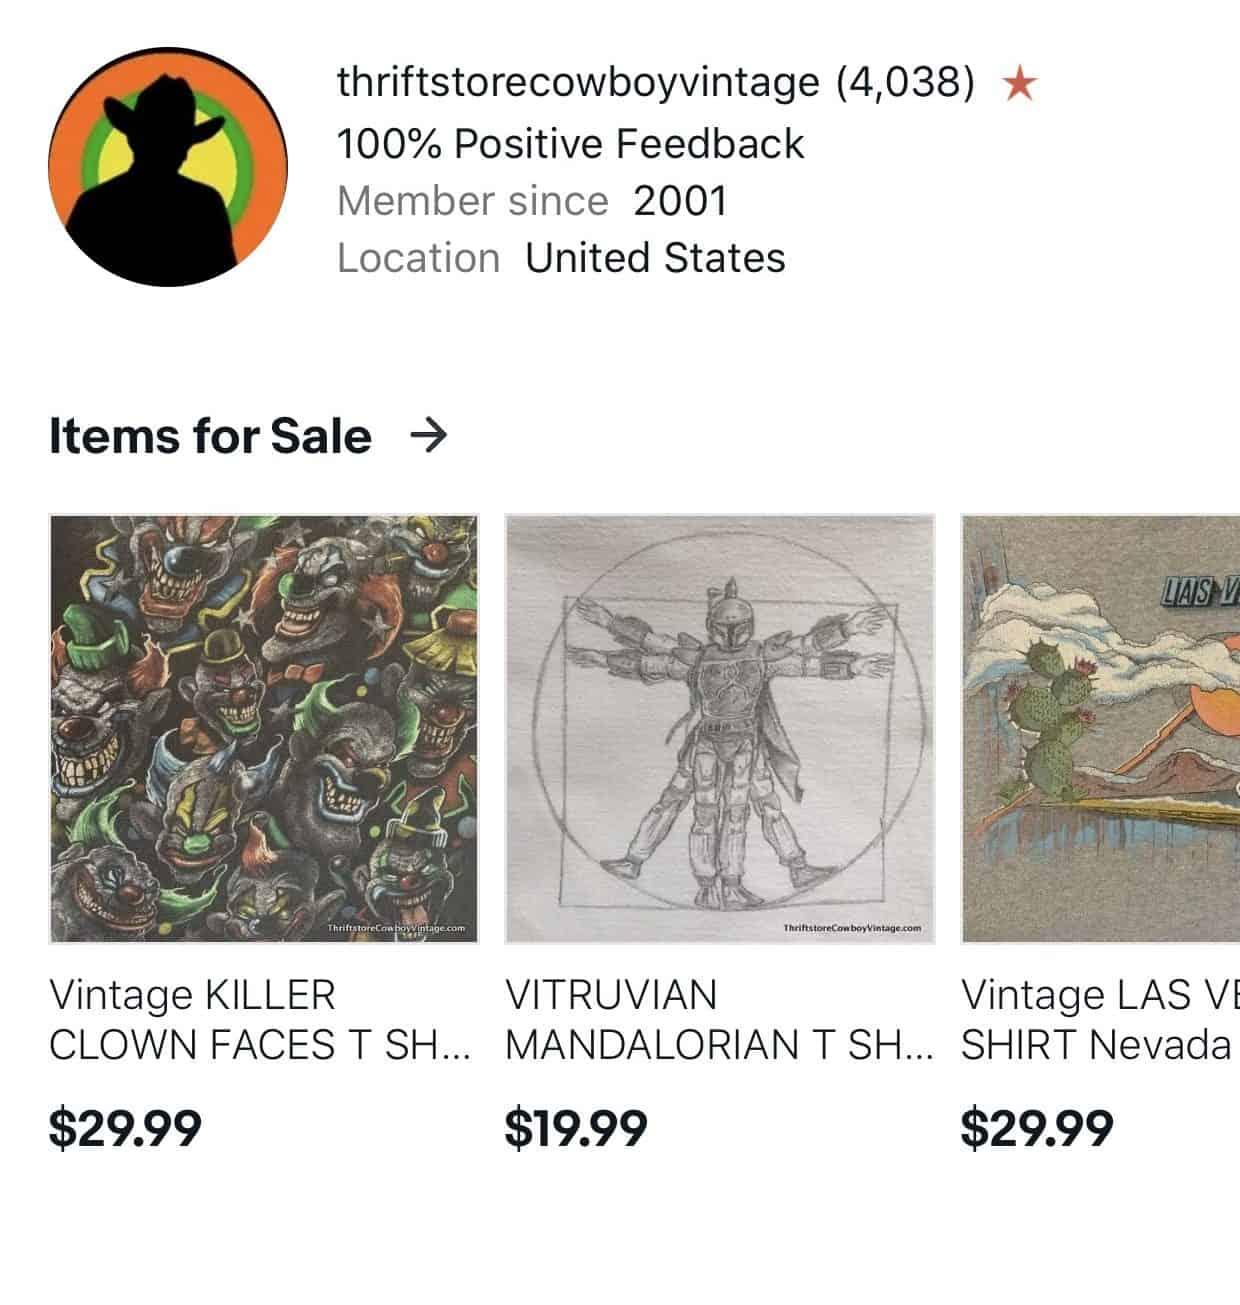 thriftstorecowboyvintage eBay Profile